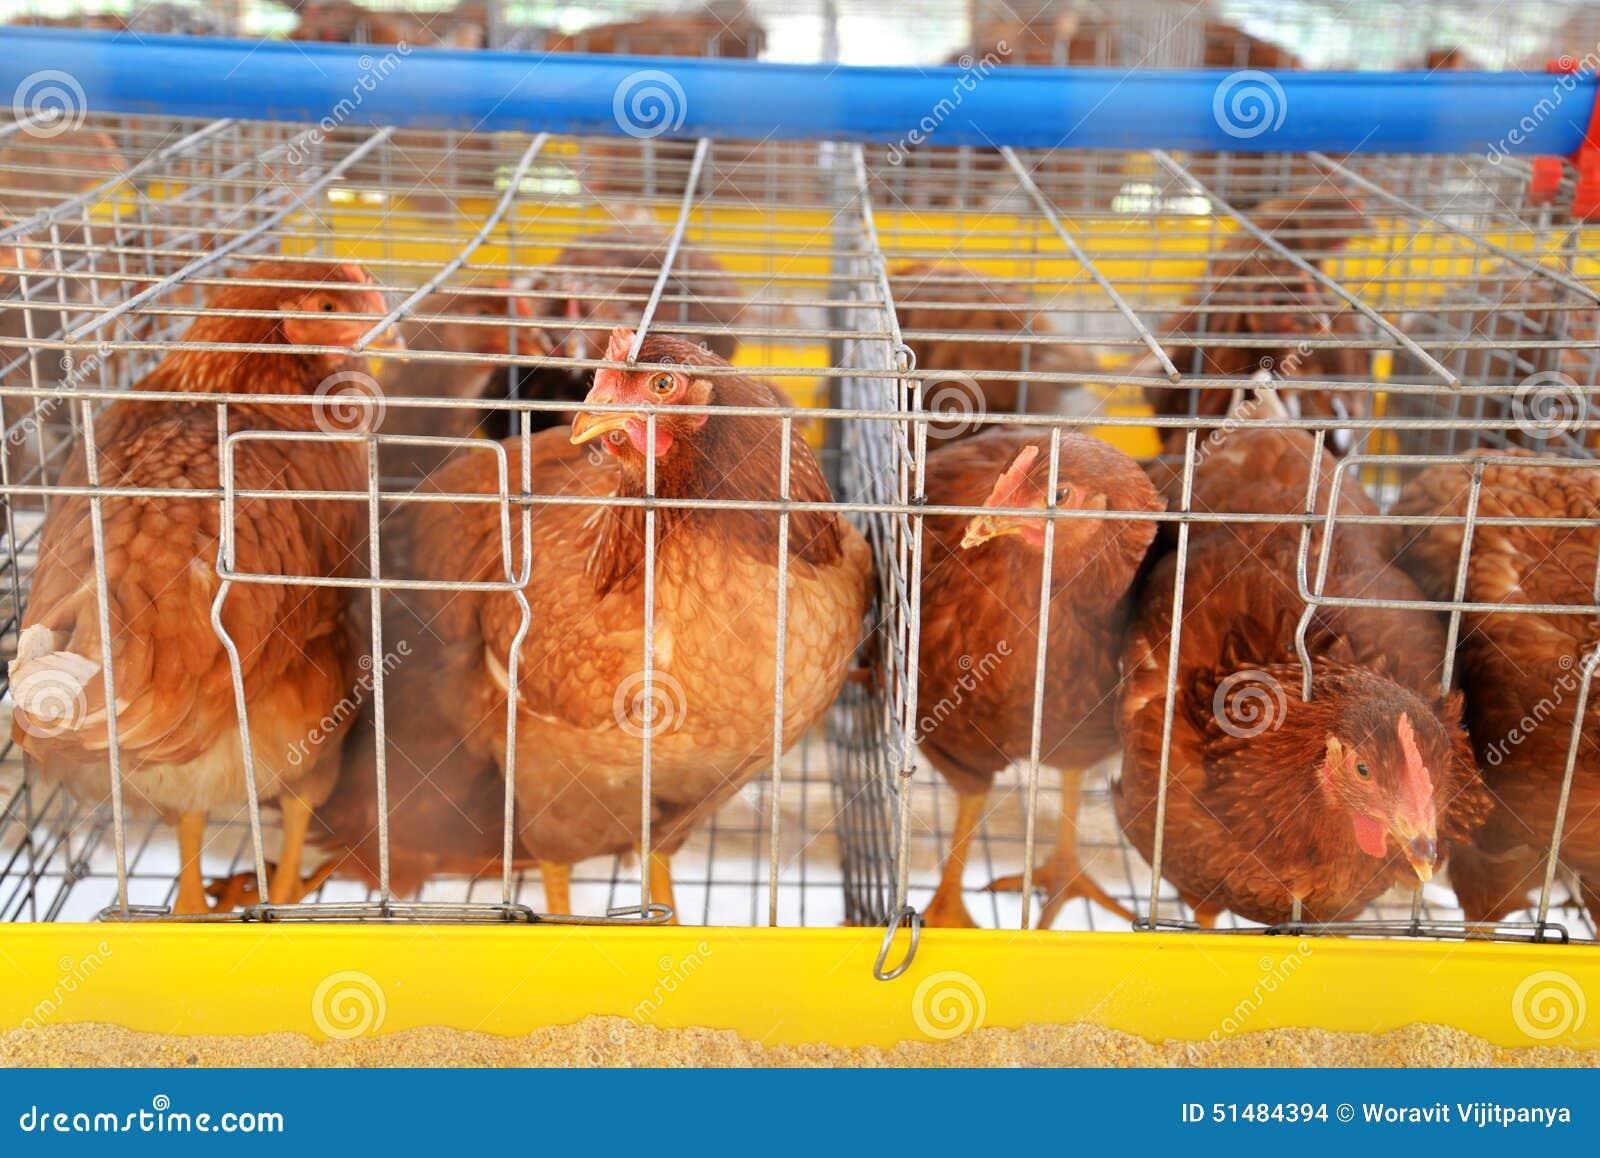 De eieren van de landbouwbedrijfkip